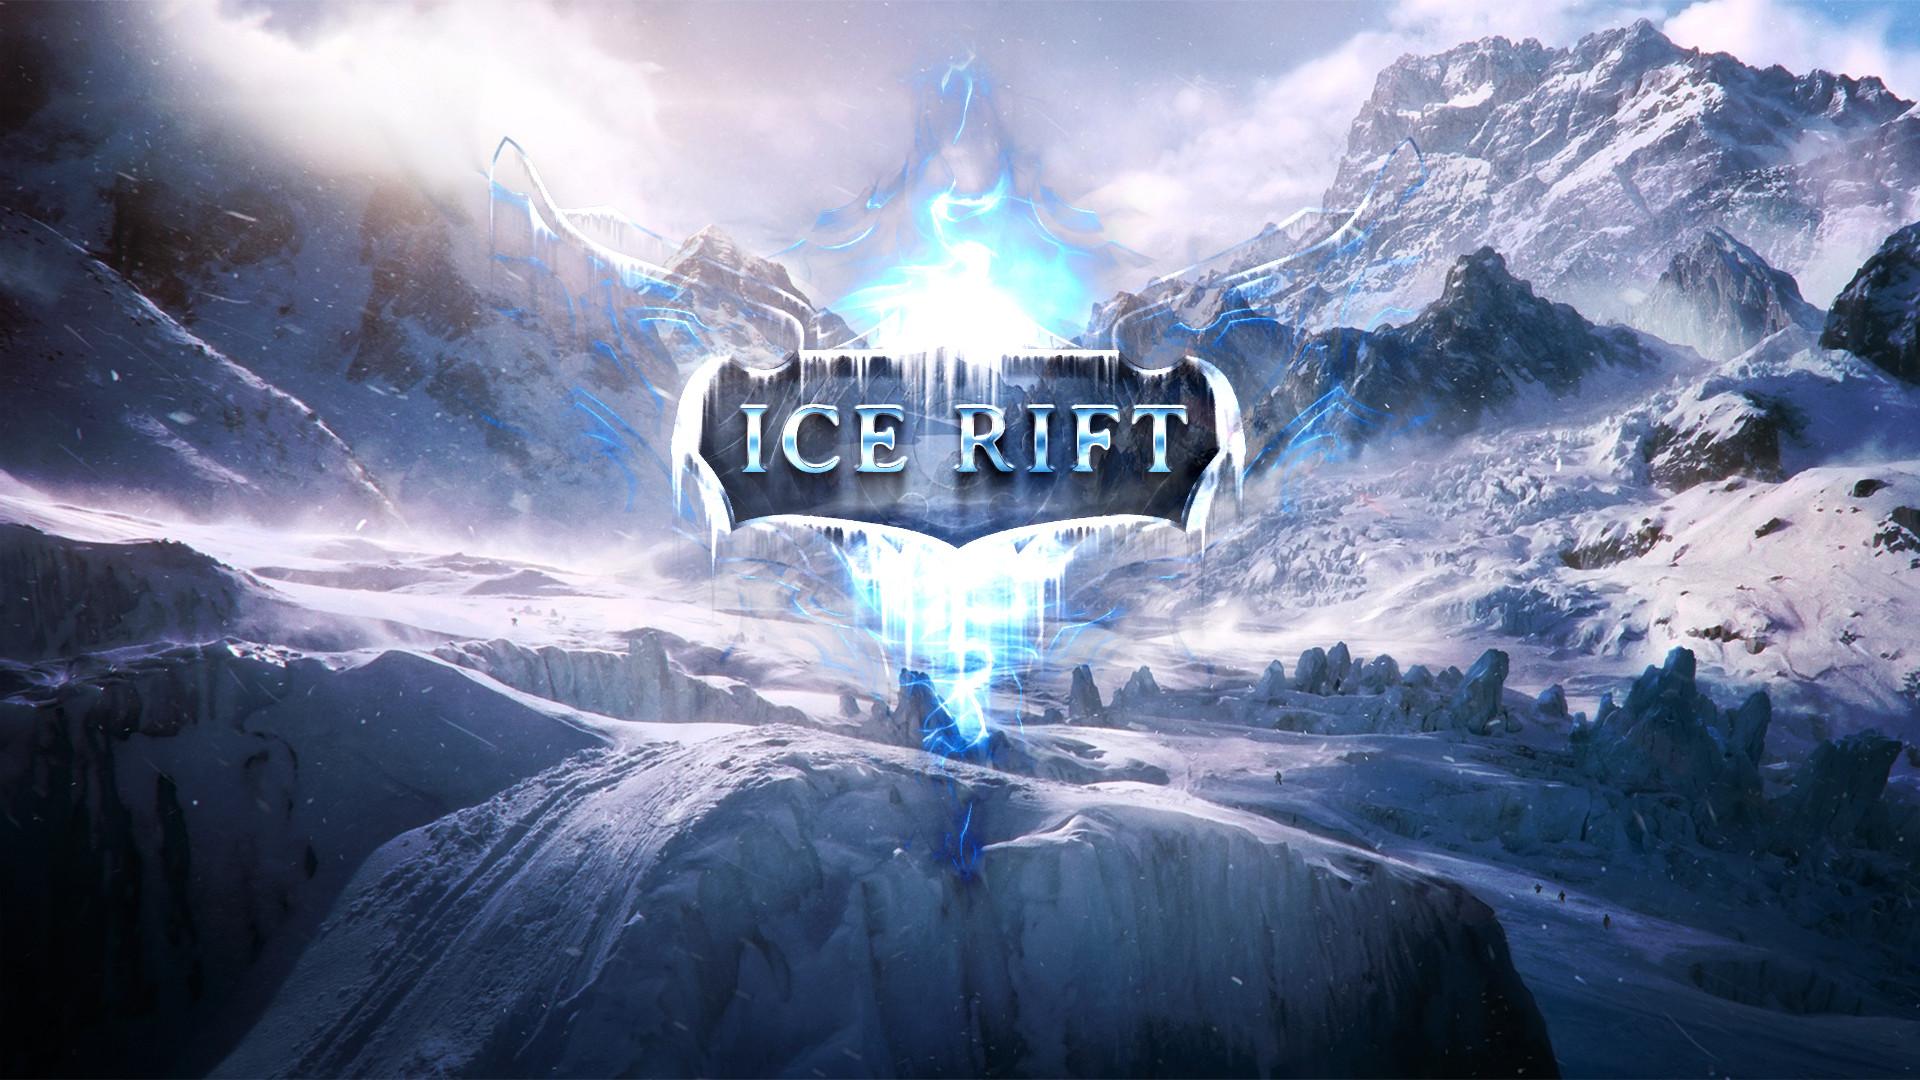 Ice Rift logo wallpaper by Dexistor371 Ice Rift logo wallpaper by  Dexistor371